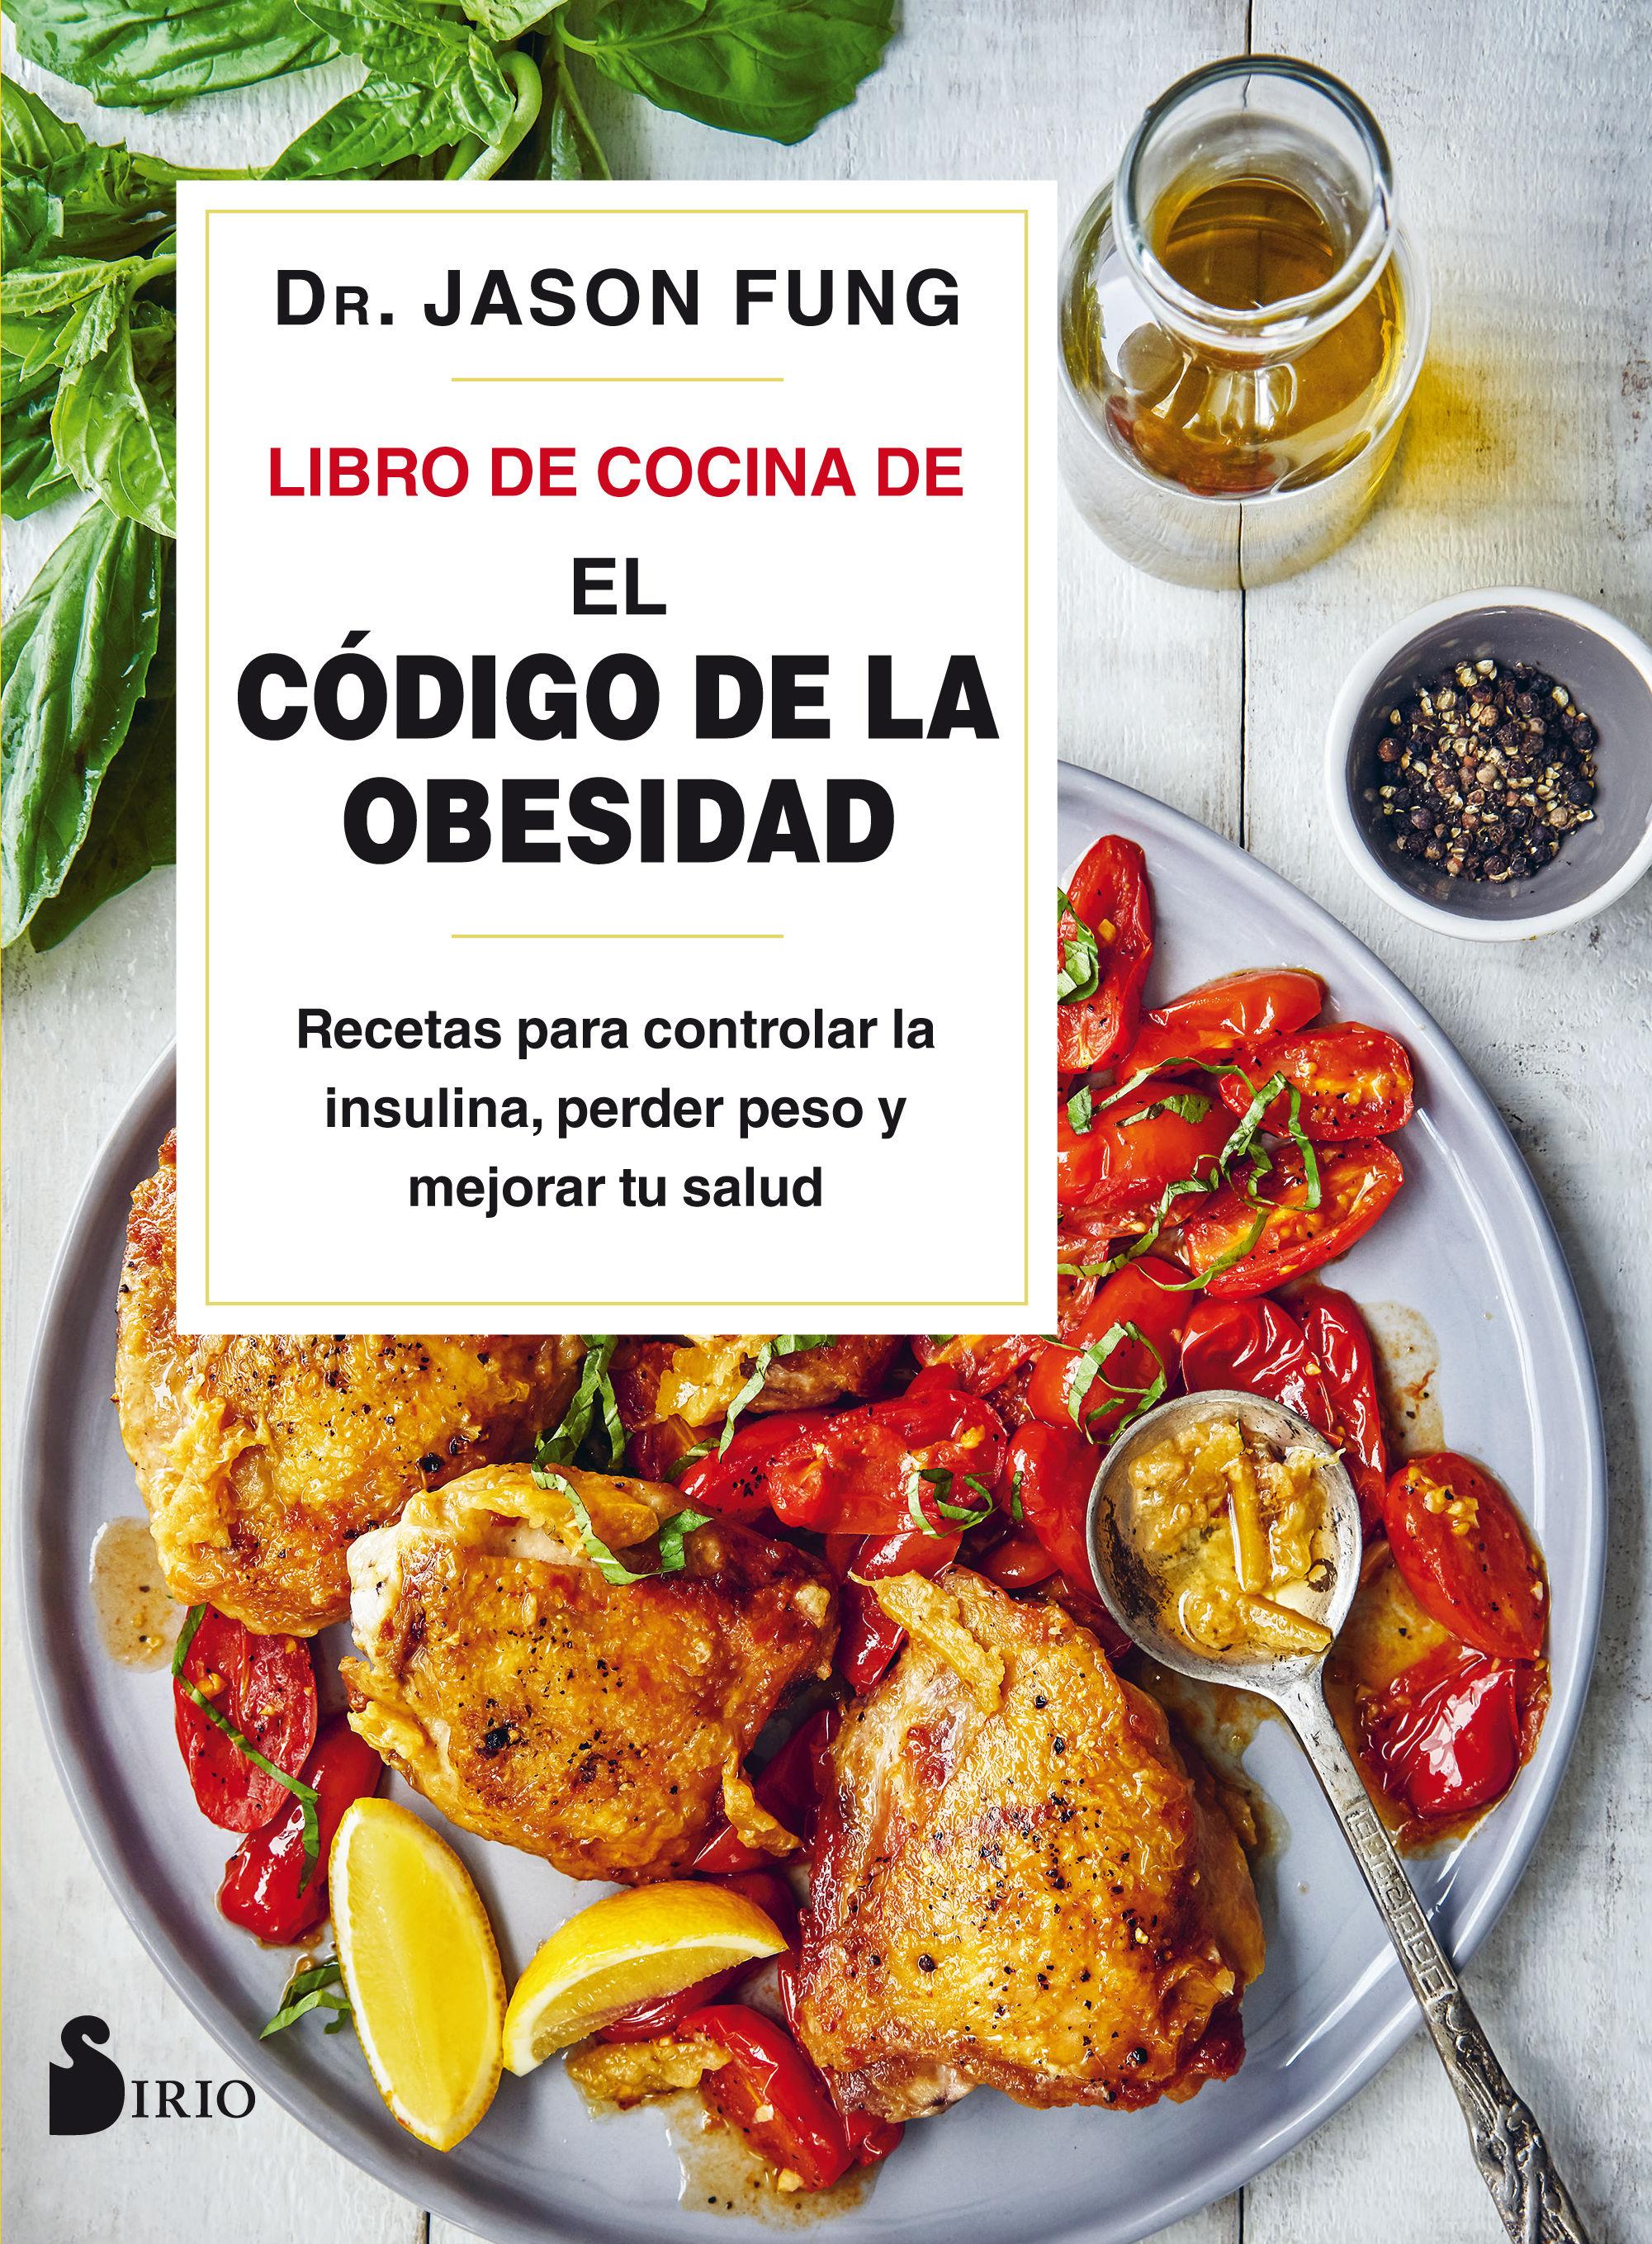 LIBRO DE COCINA DE EL CODIGO DE LA OBESIDAD